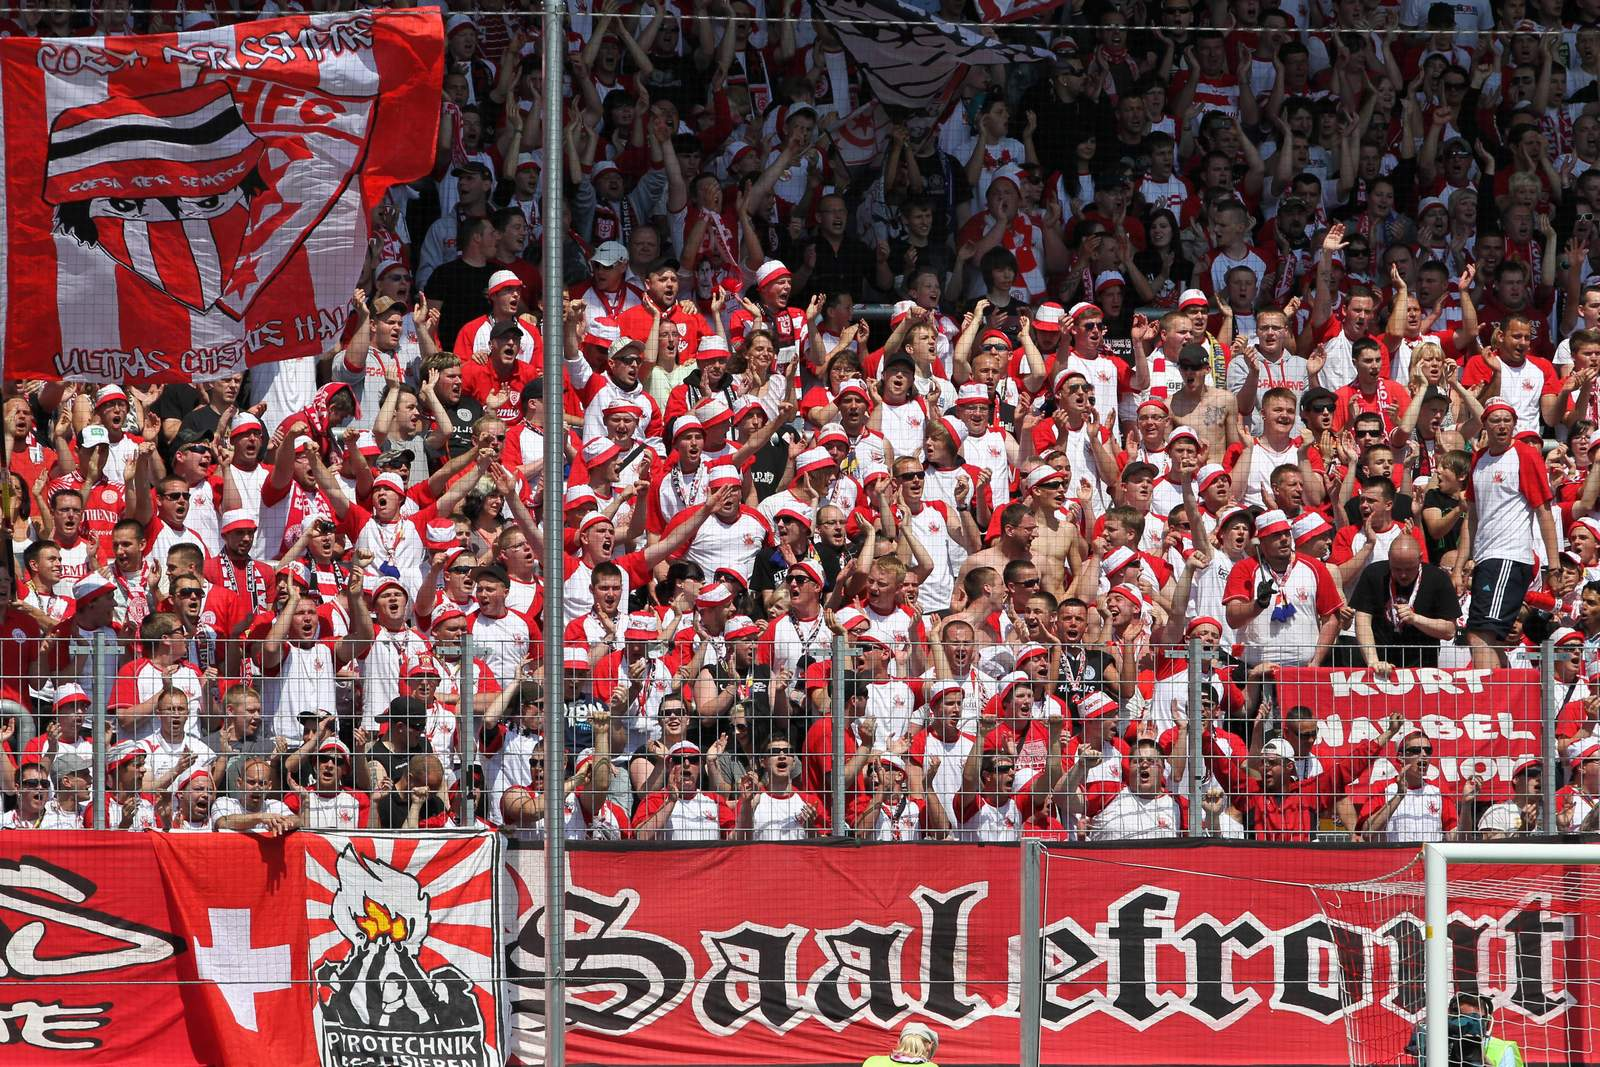 """Die """"Saalefront"""", Ultras des Halleschen FC."""